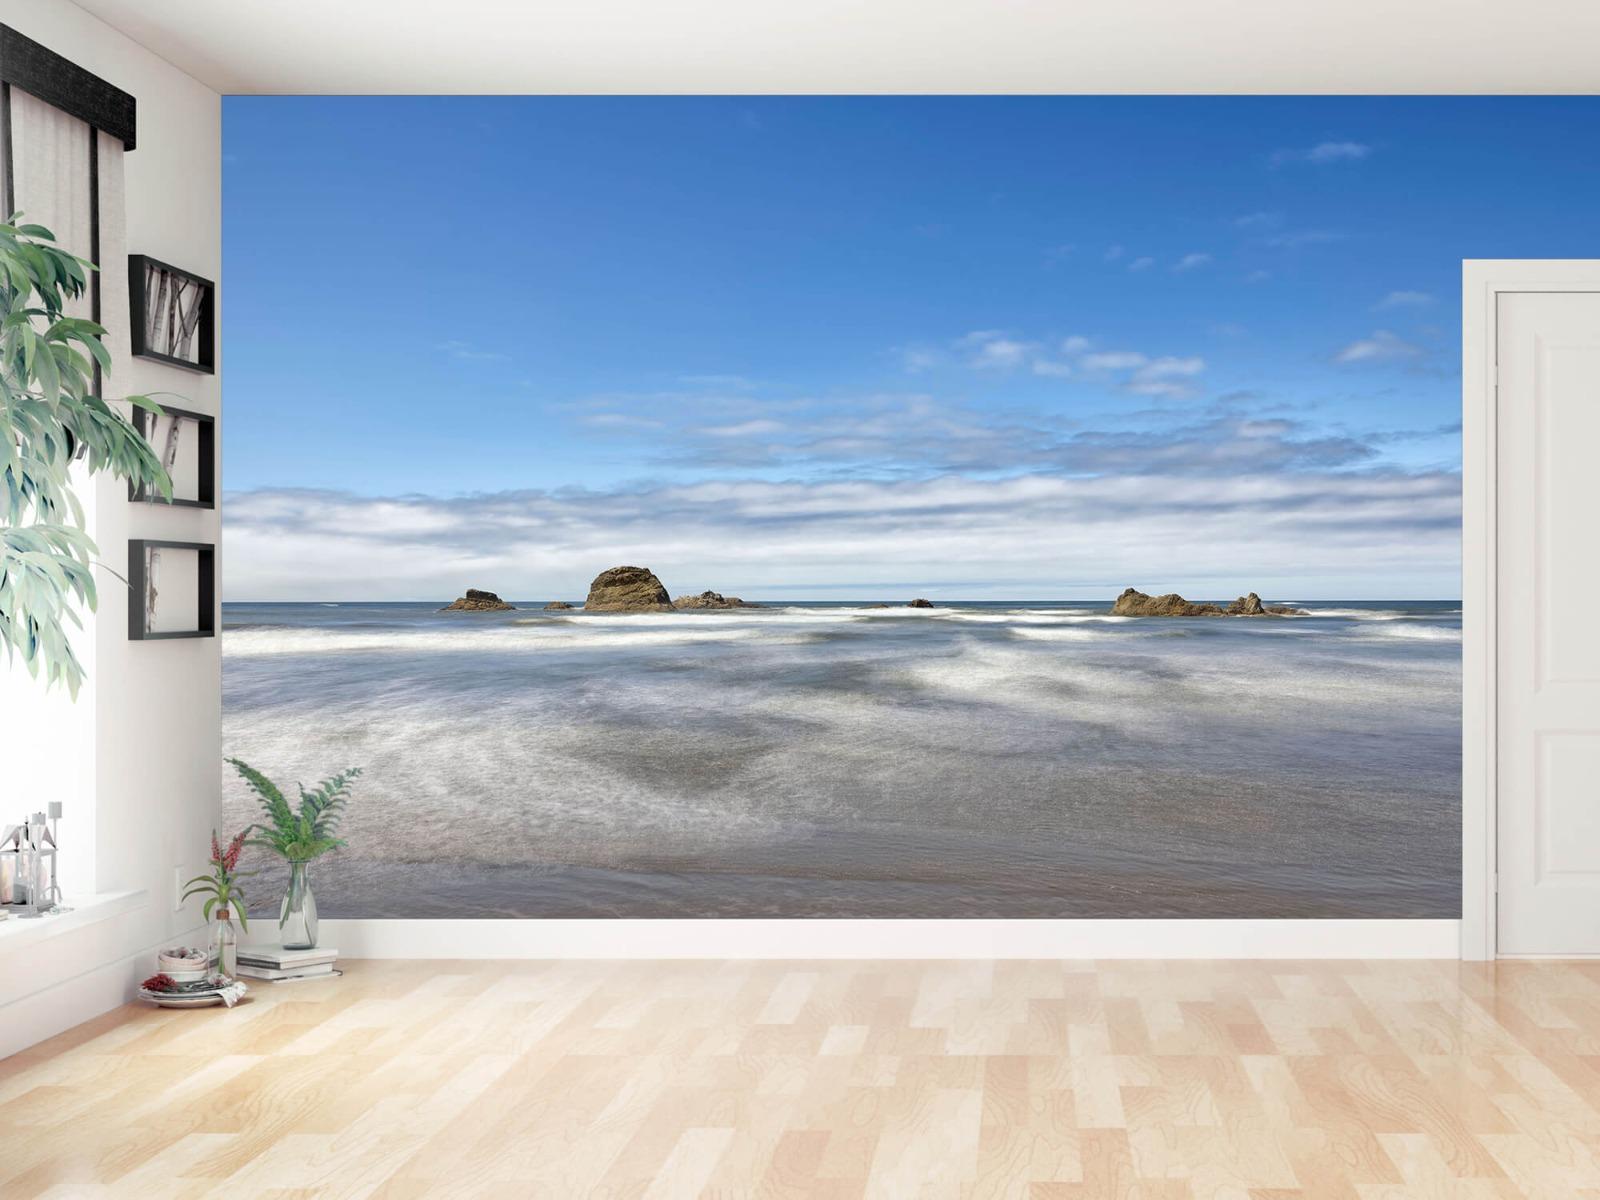 Zeeën en Oceanen - Strand met rotsen - Slaapkamer 15